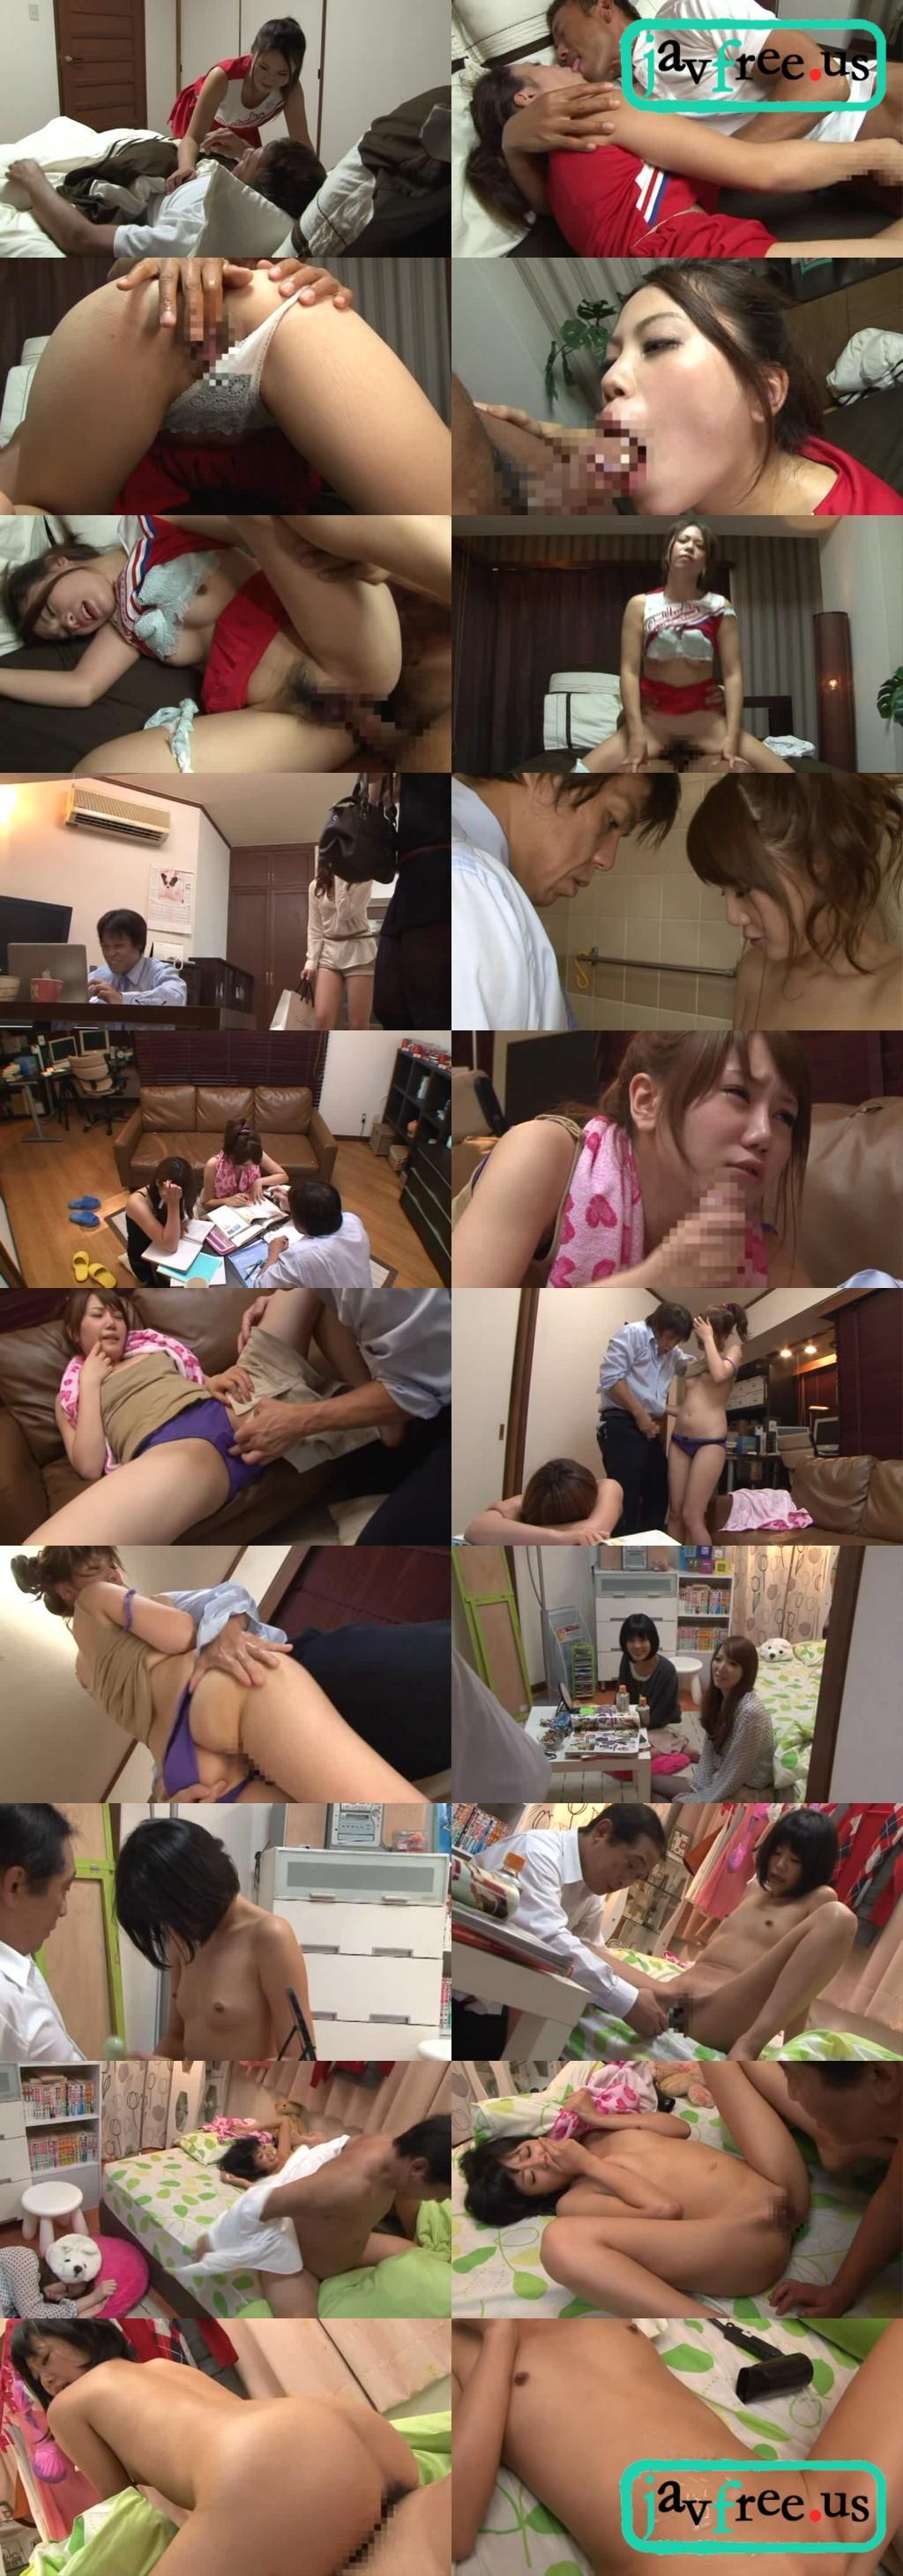 [RDD 094] 娘が家に連れて来た同級生にこっそり誘惑された僕はマズいとは思いながらも娘が寝ているそばで… RDD